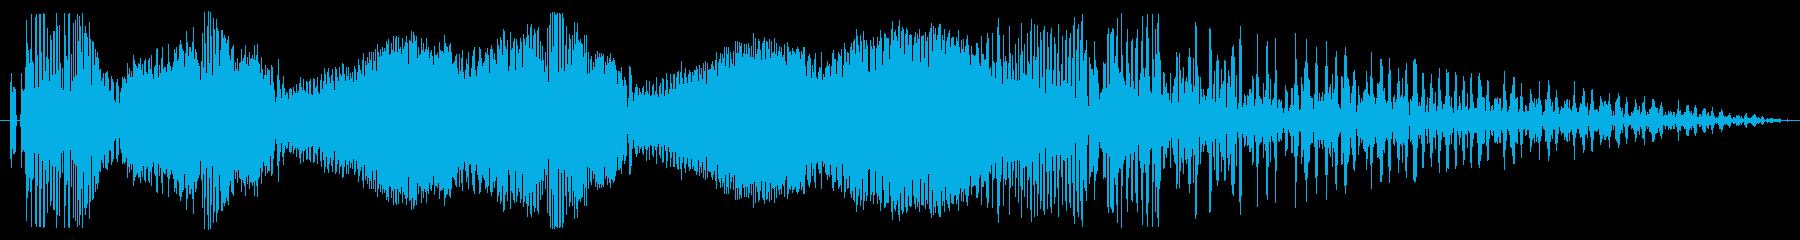 オートバイ/バイクド迫力のアクセル音2!の再生済みの波形